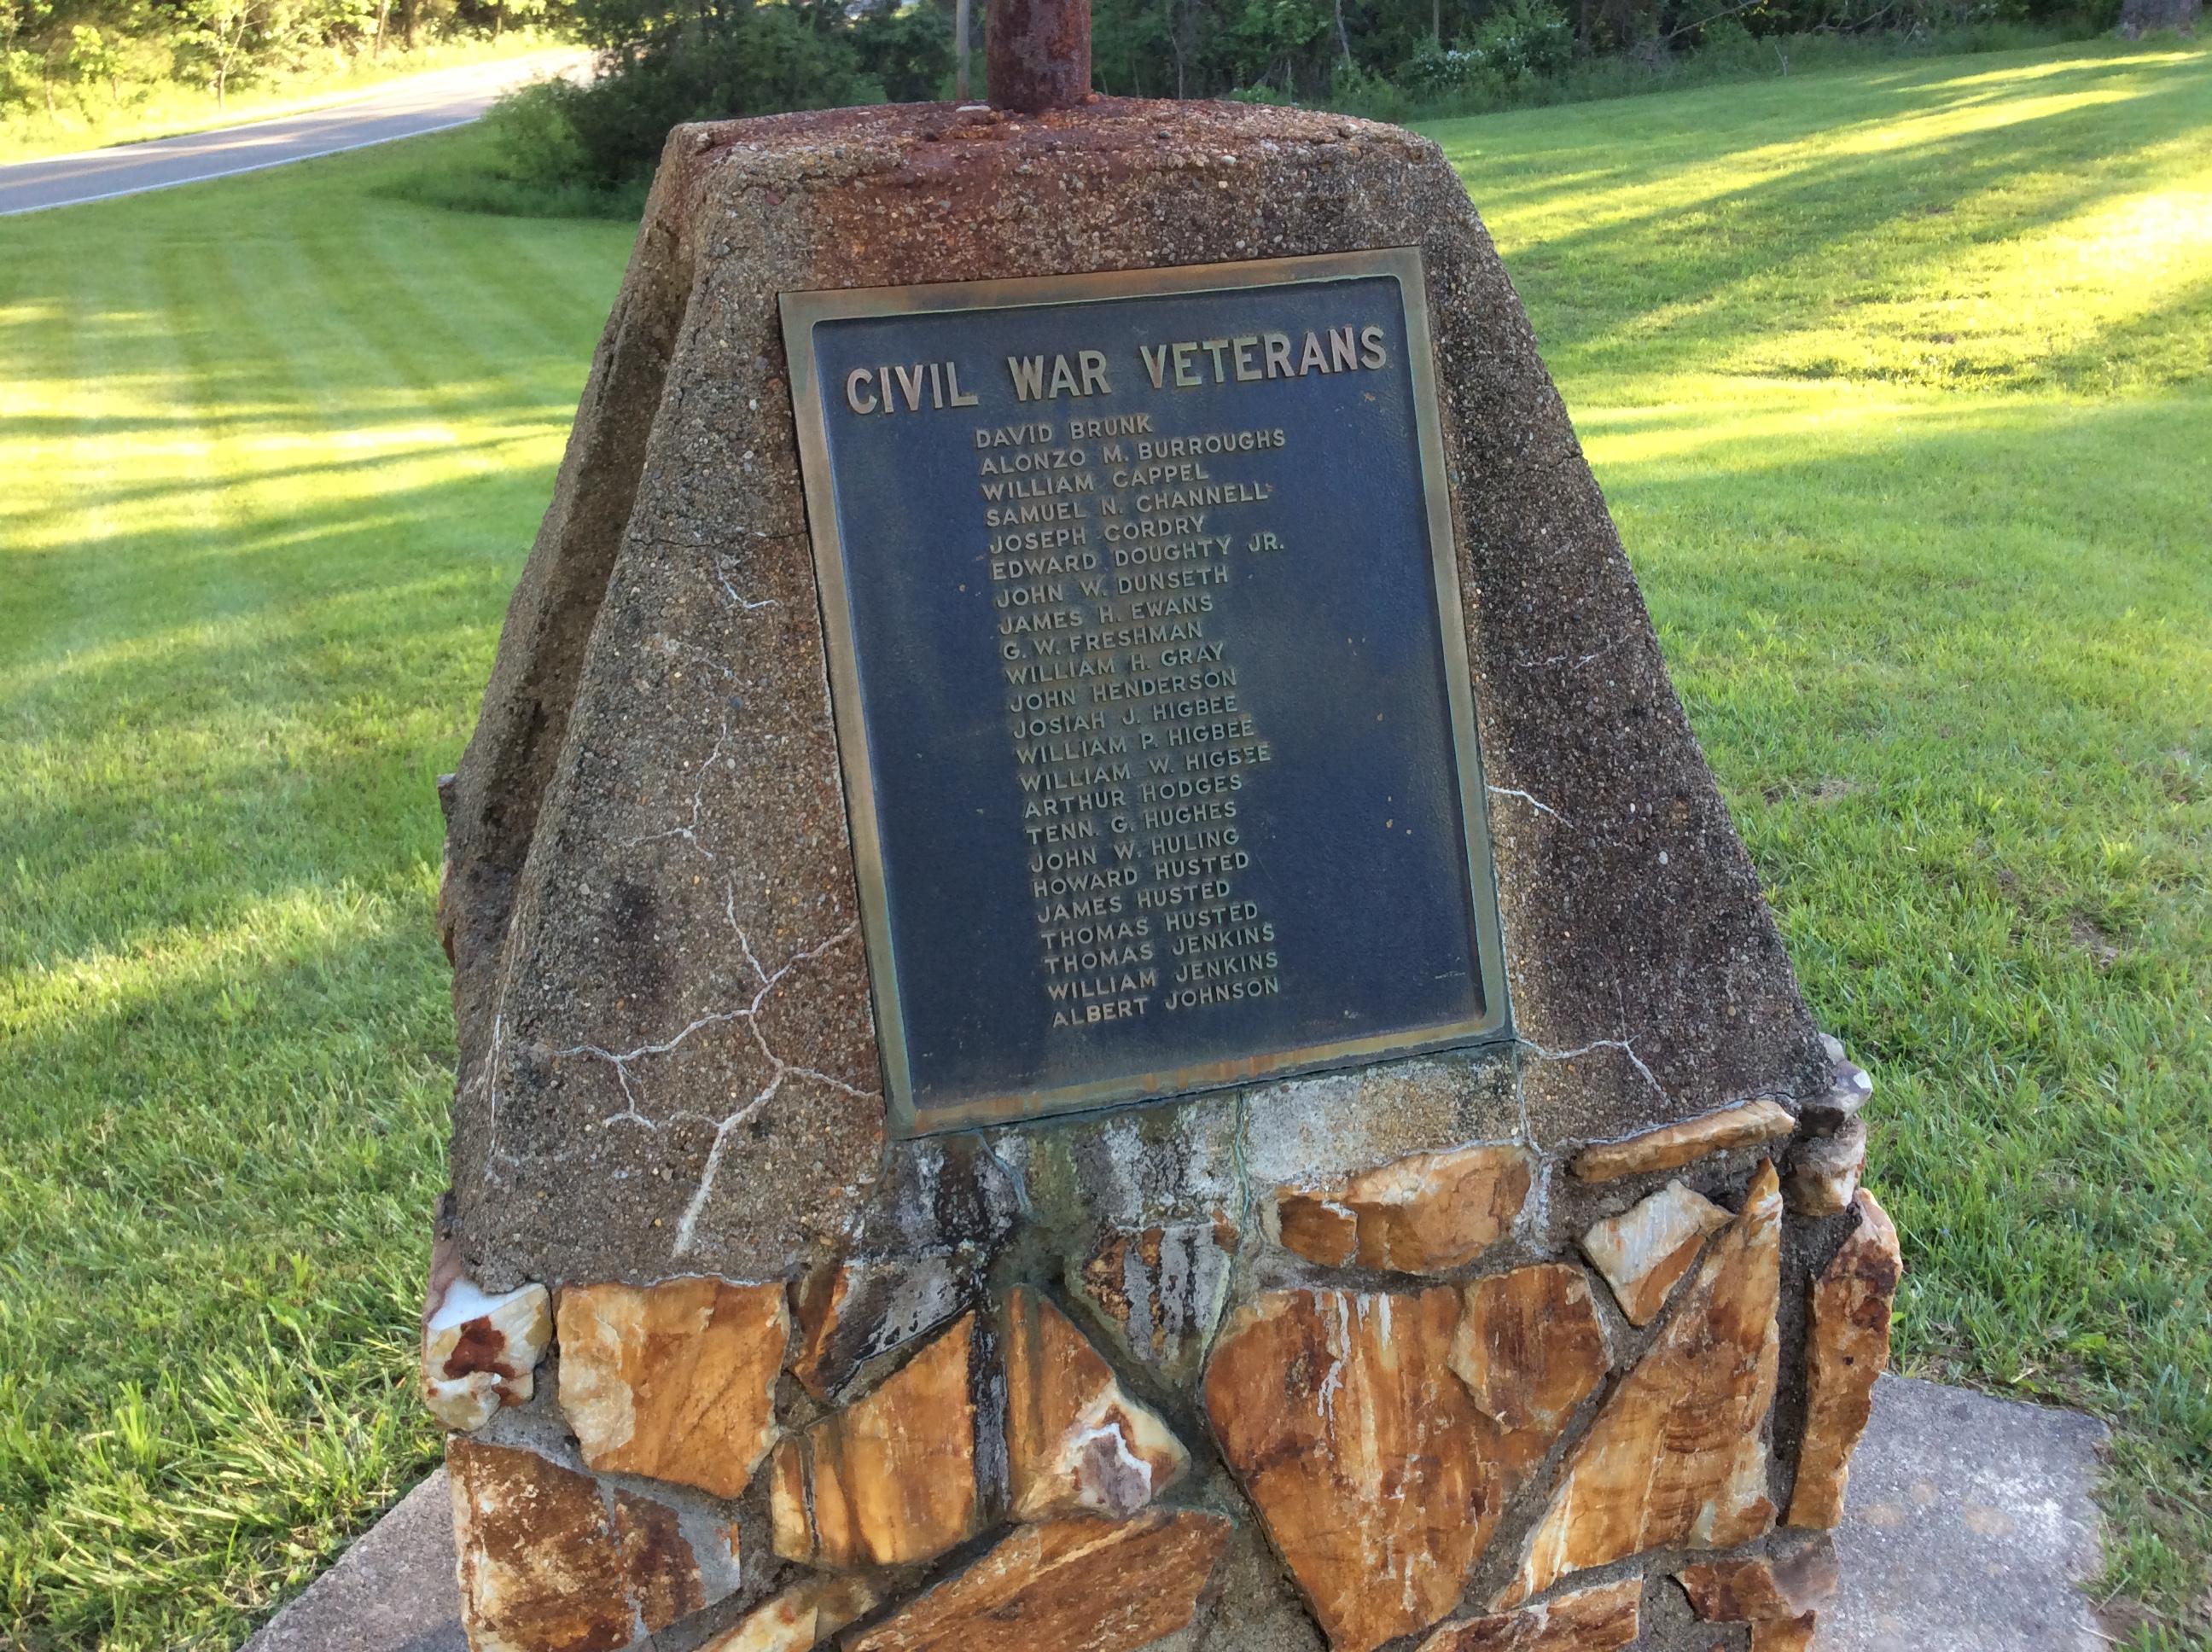 Civil War Veterans Plaque